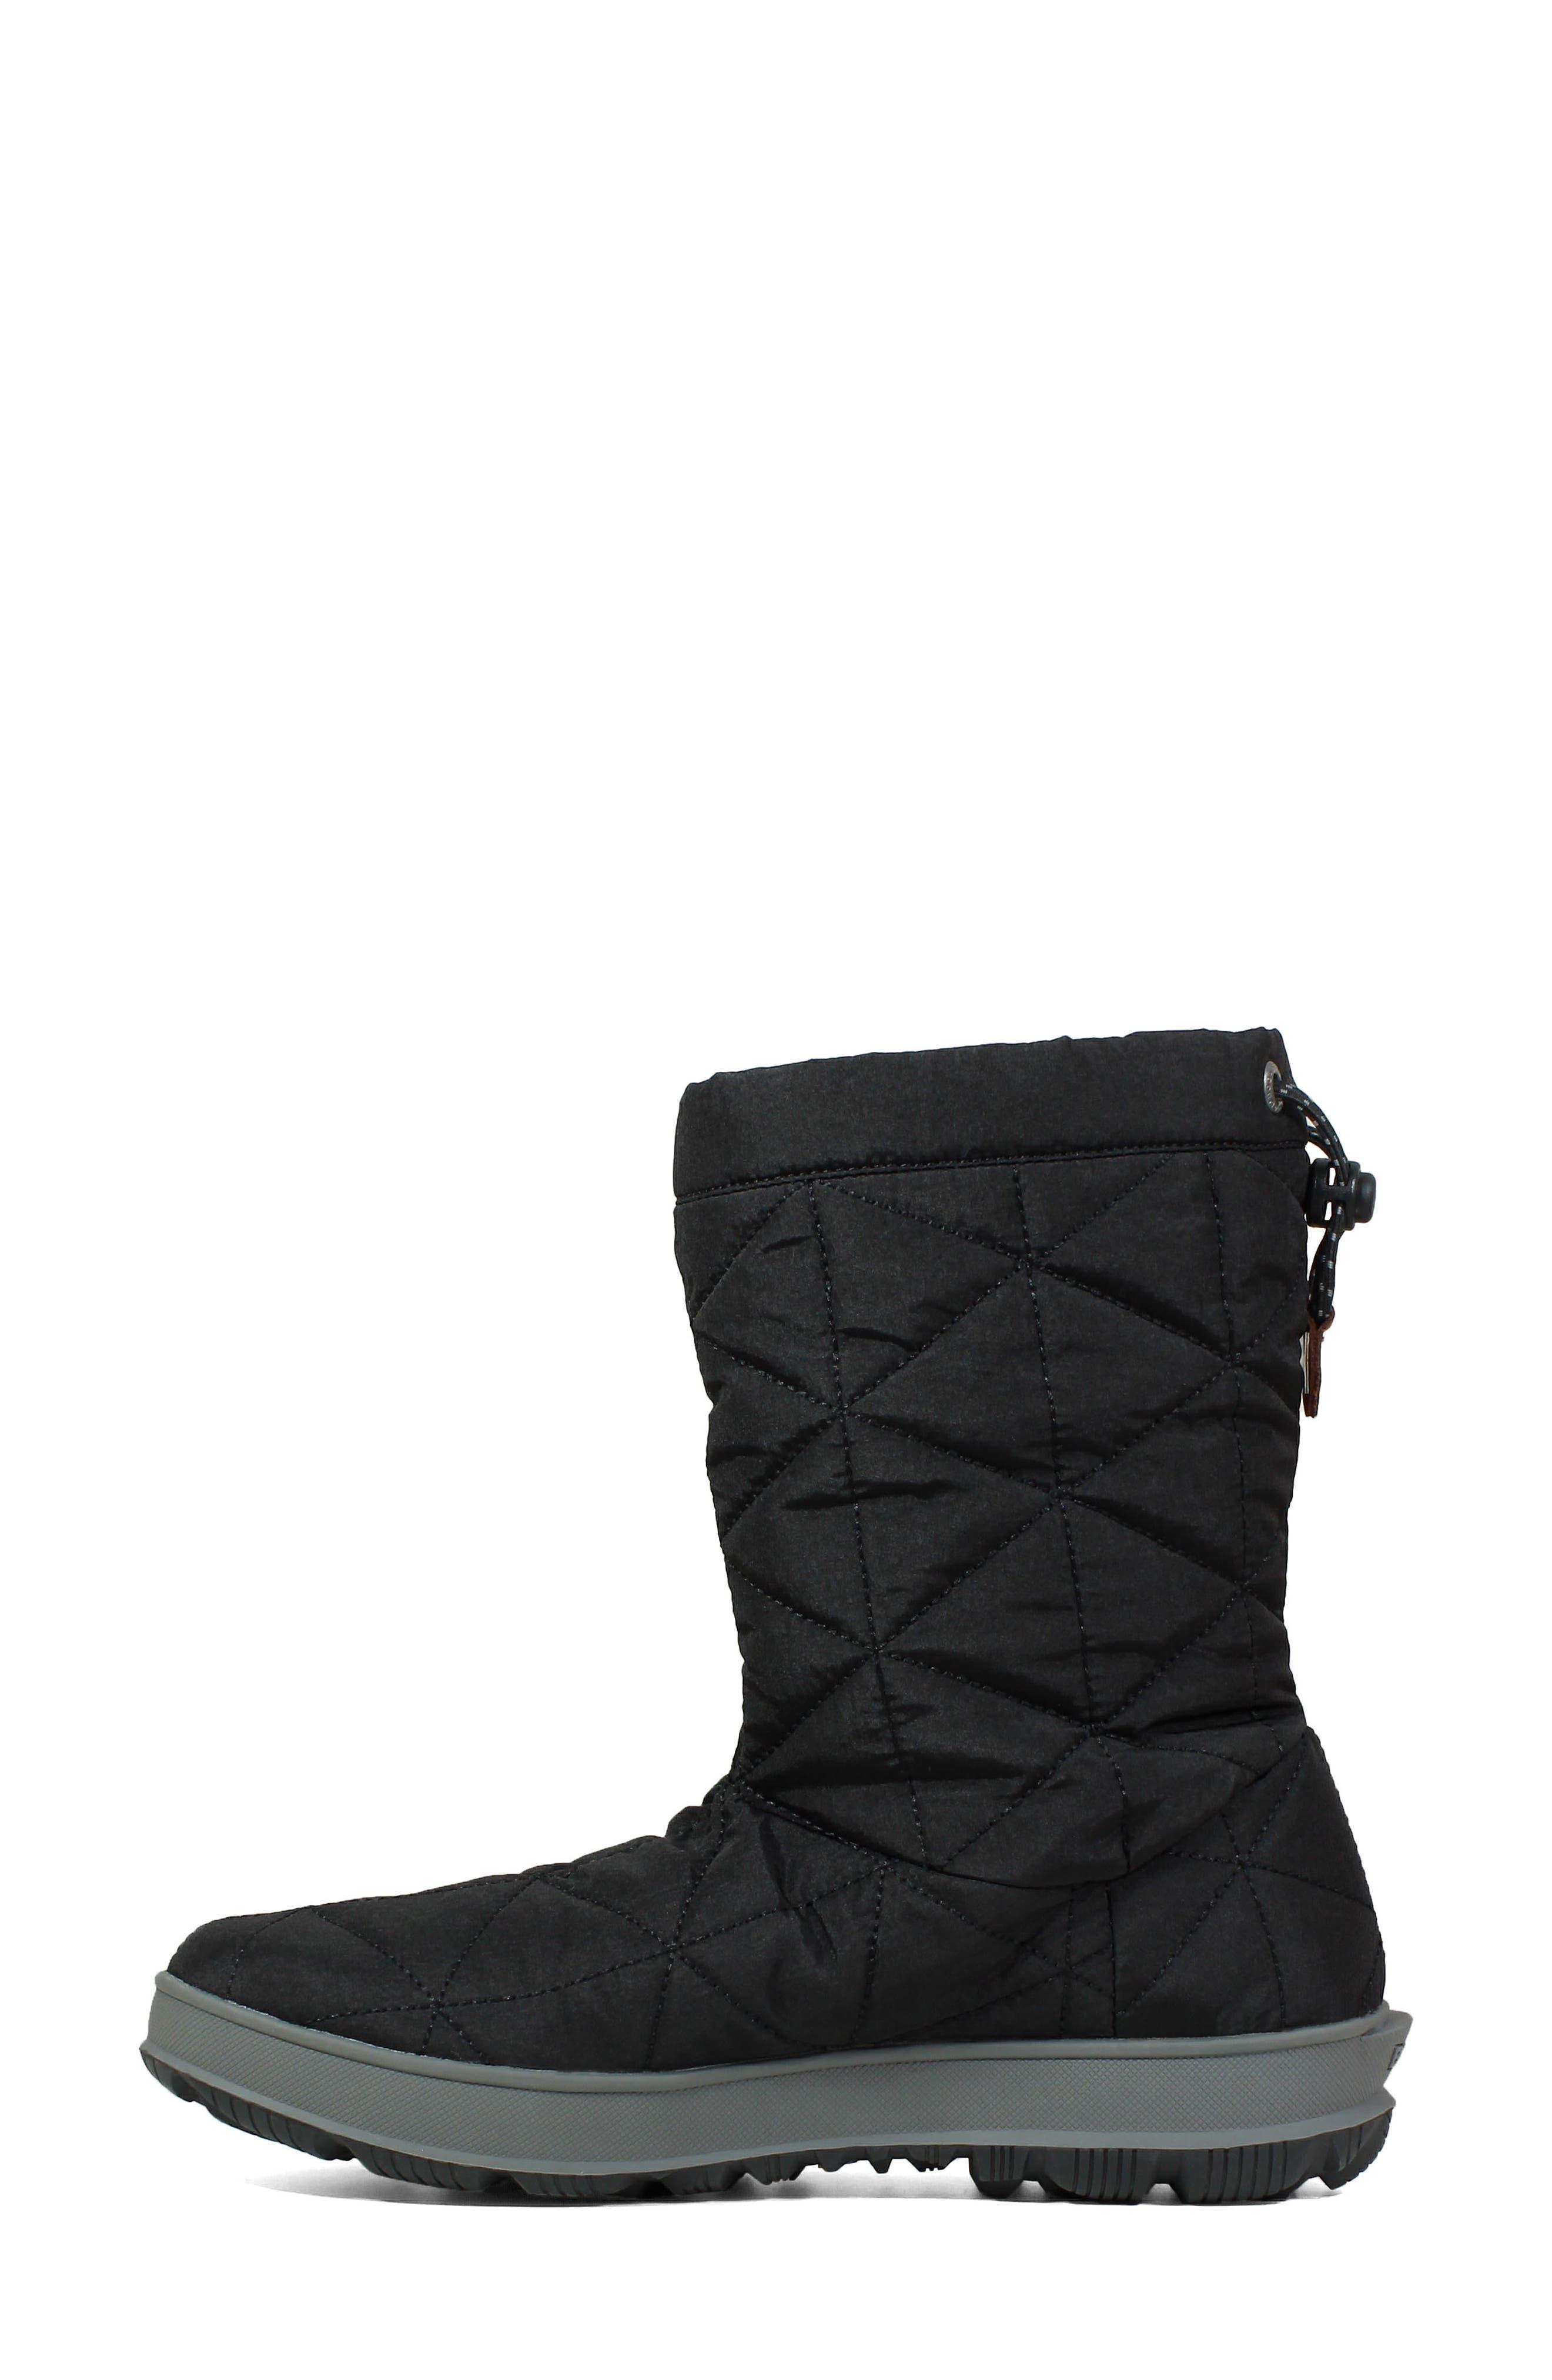 BOGS, Mid Snowday Waterproof Bootie, Alternate thumbnail 8, color, BLACK